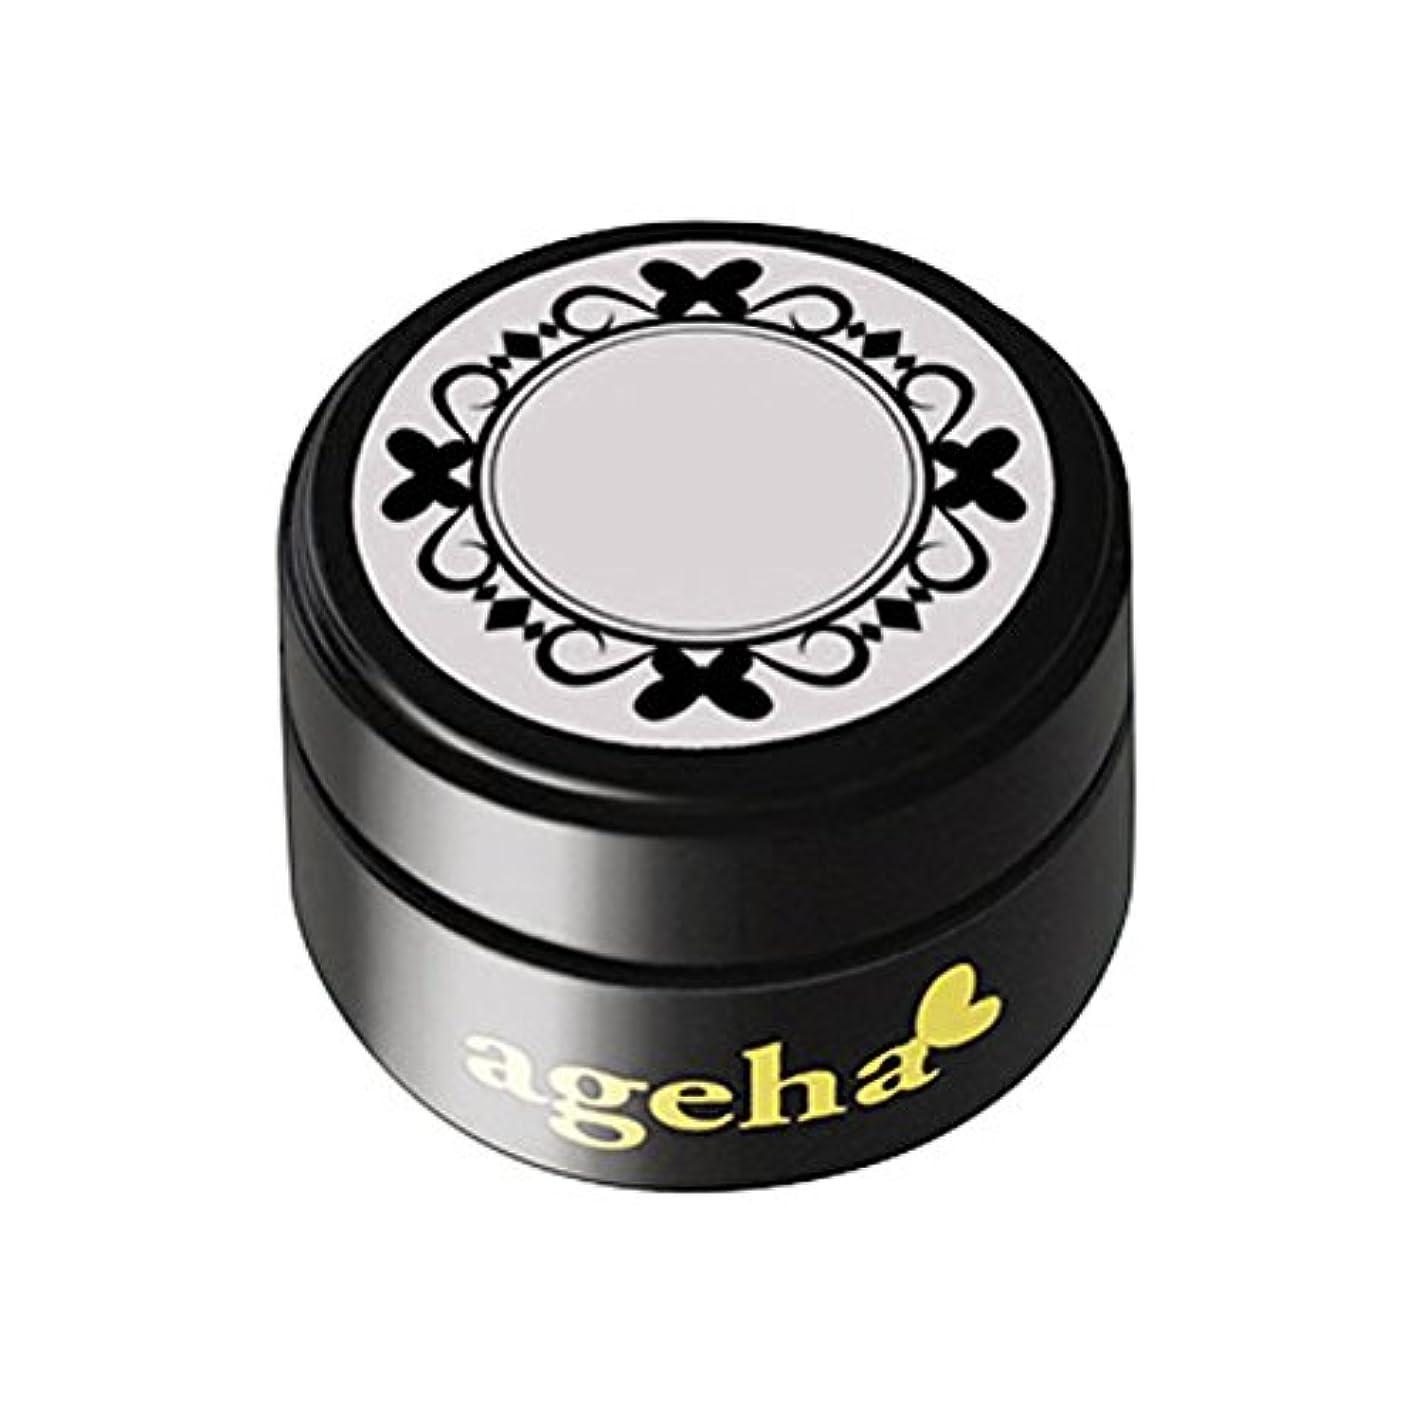 虹ストライク人工ageha gel カラージェル コスメカラー 317 ロージーグレーA 2.7g UV/LED対応